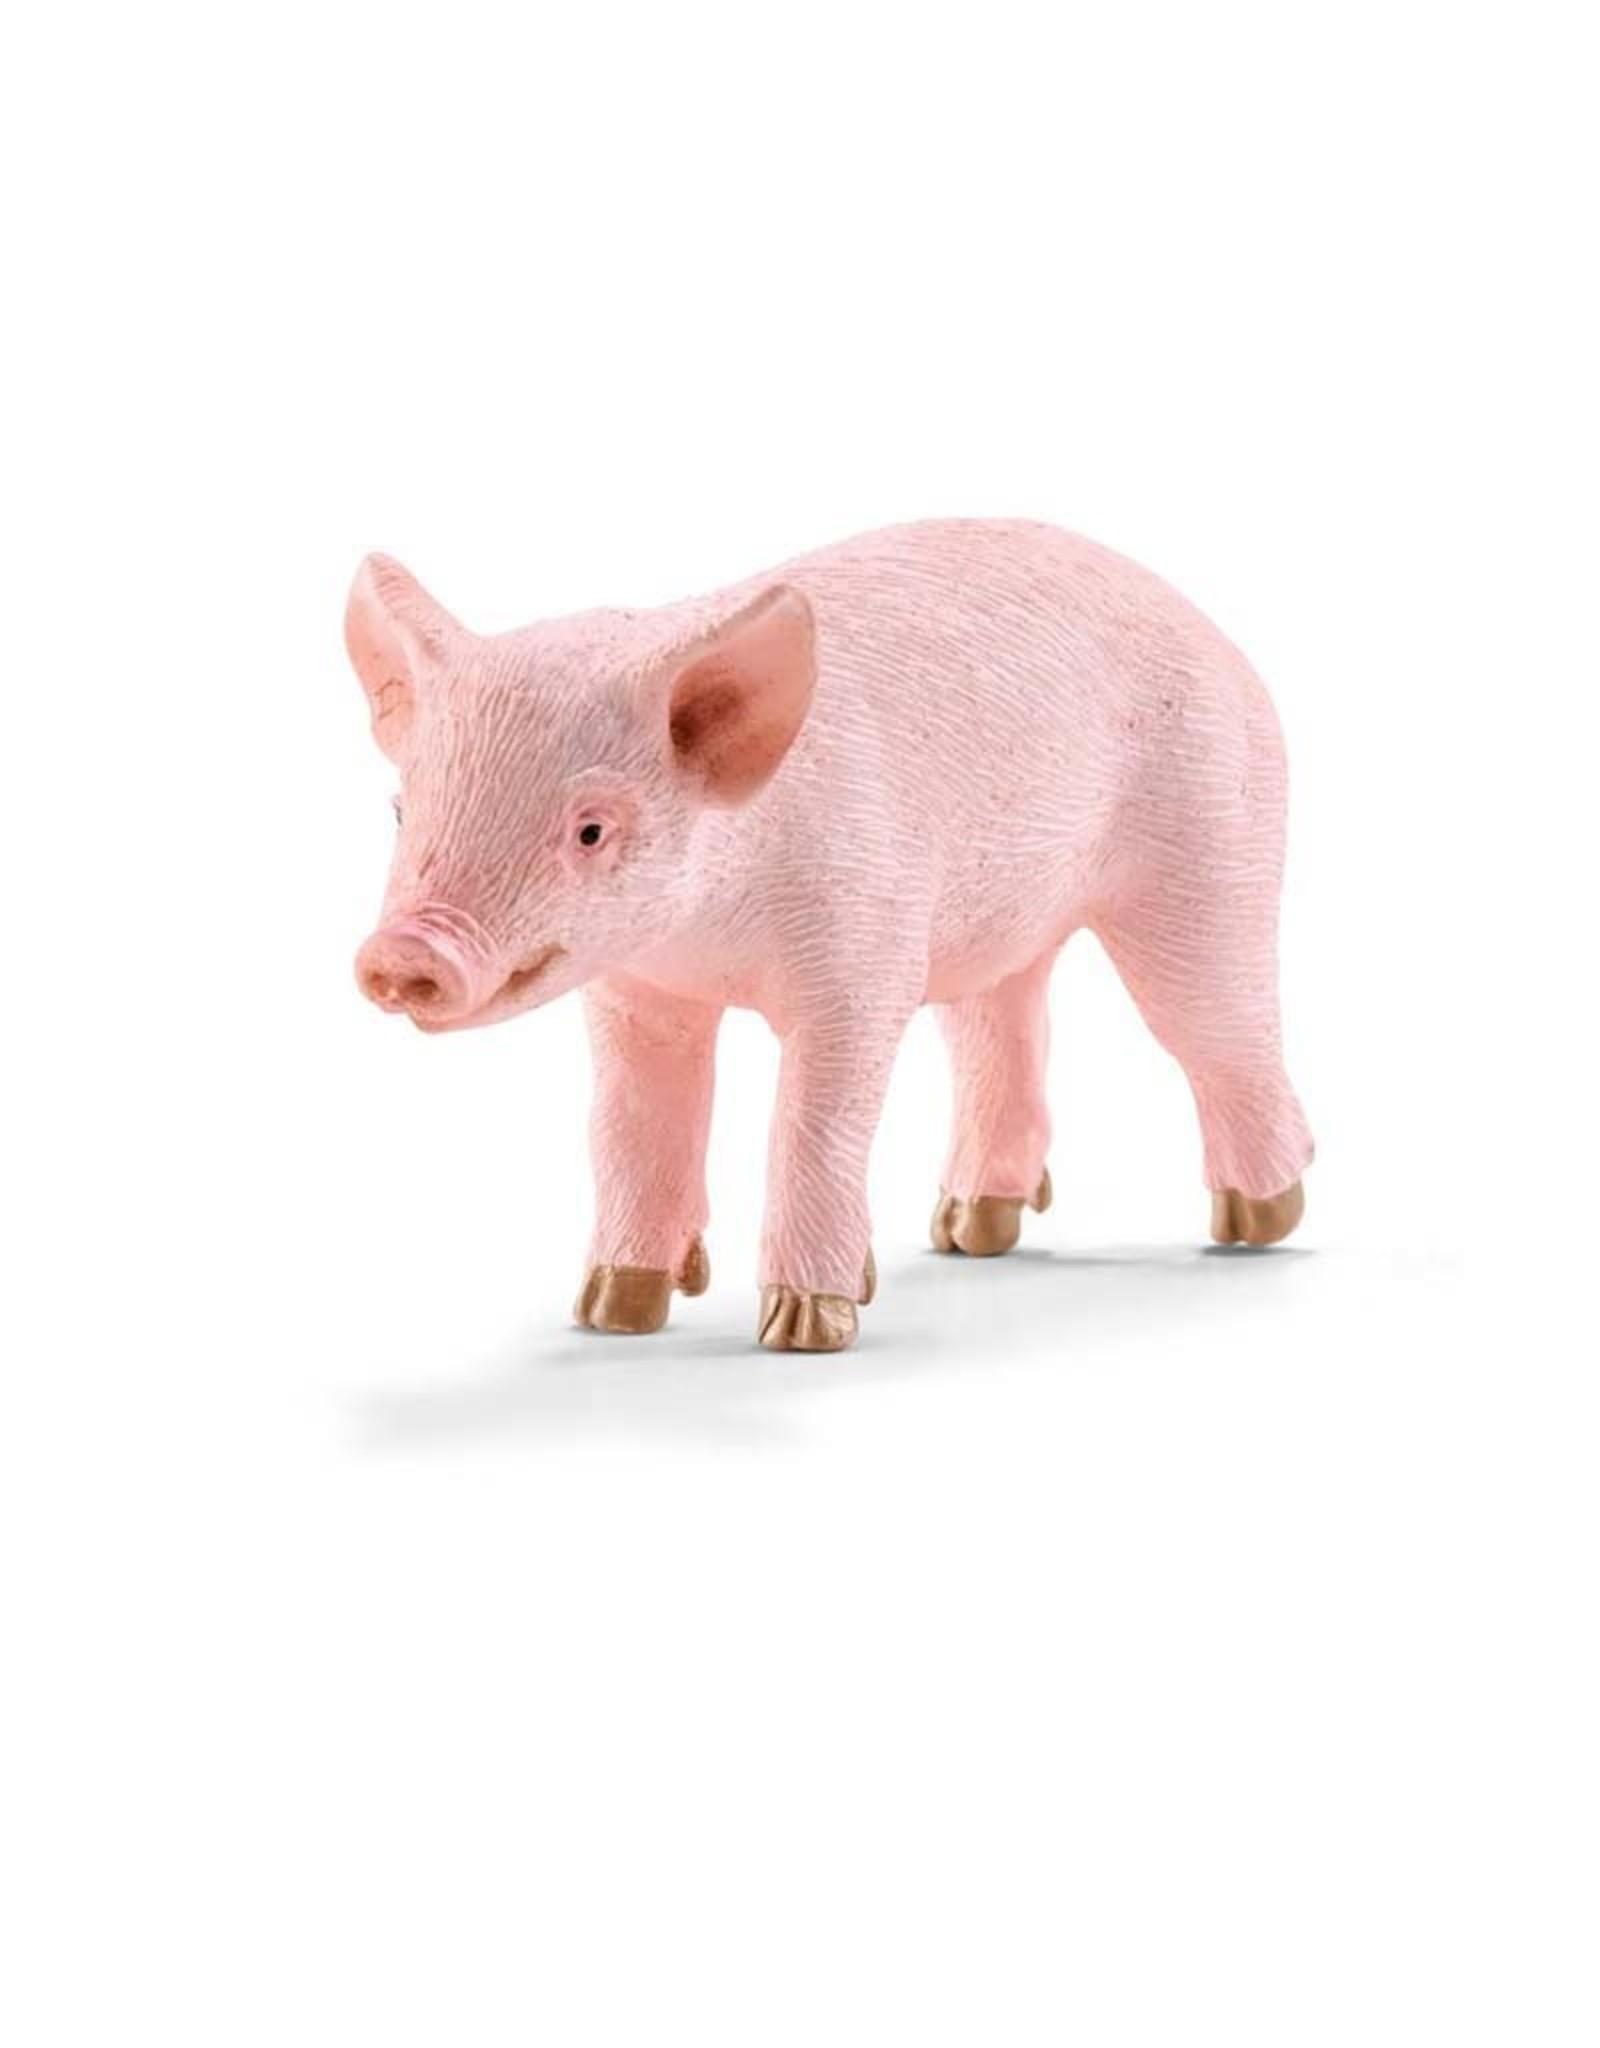 Schleich Schleich Piglet, standing